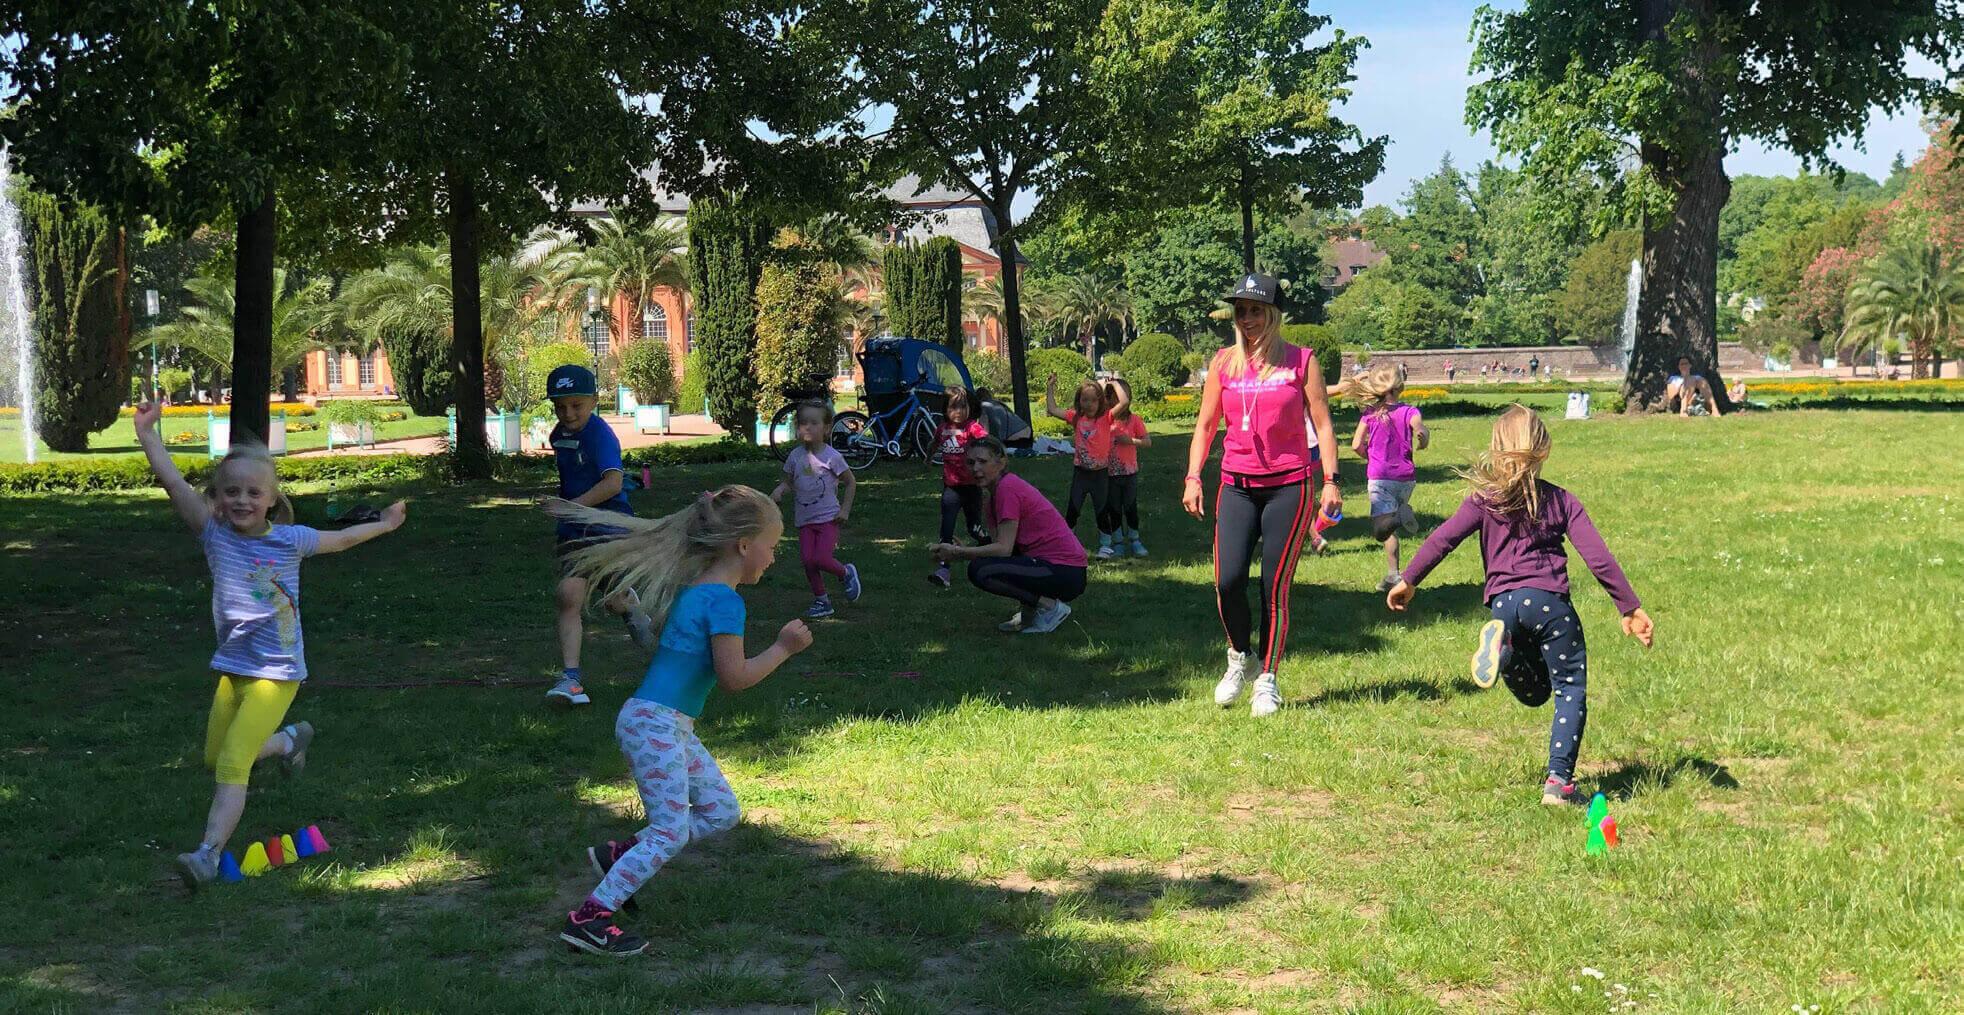 Kinder rennen und haben Spaß in den Kinderoutdoorkursen in Darmstadt